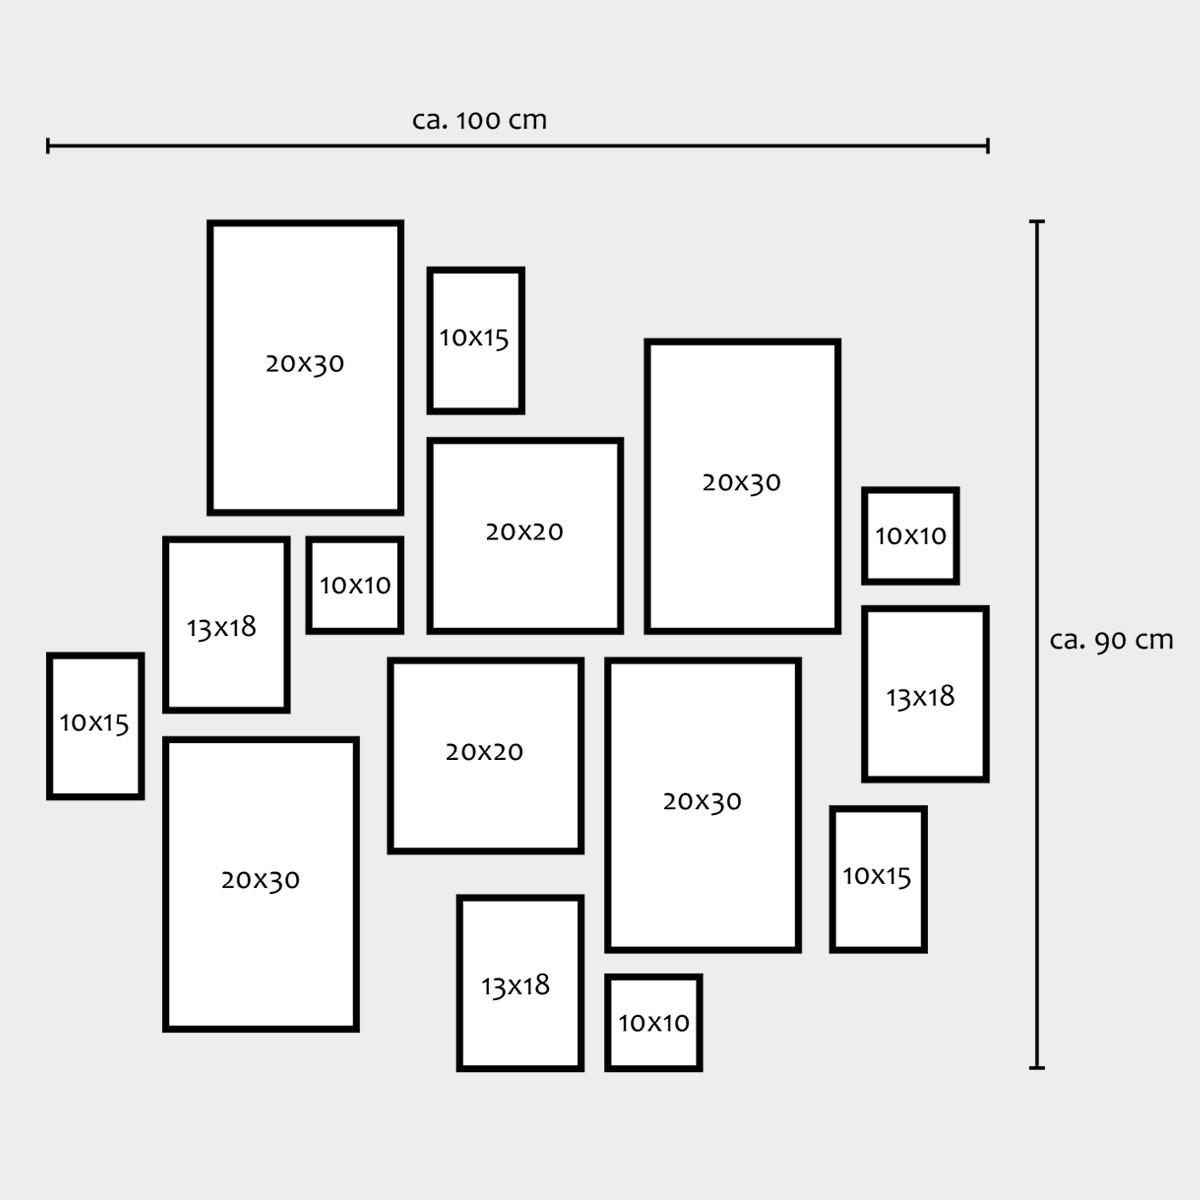 15er set bilderrahmen modern weiss aus mdf 10x15 bis 20x30 - Anordnung bilderrahmen ...